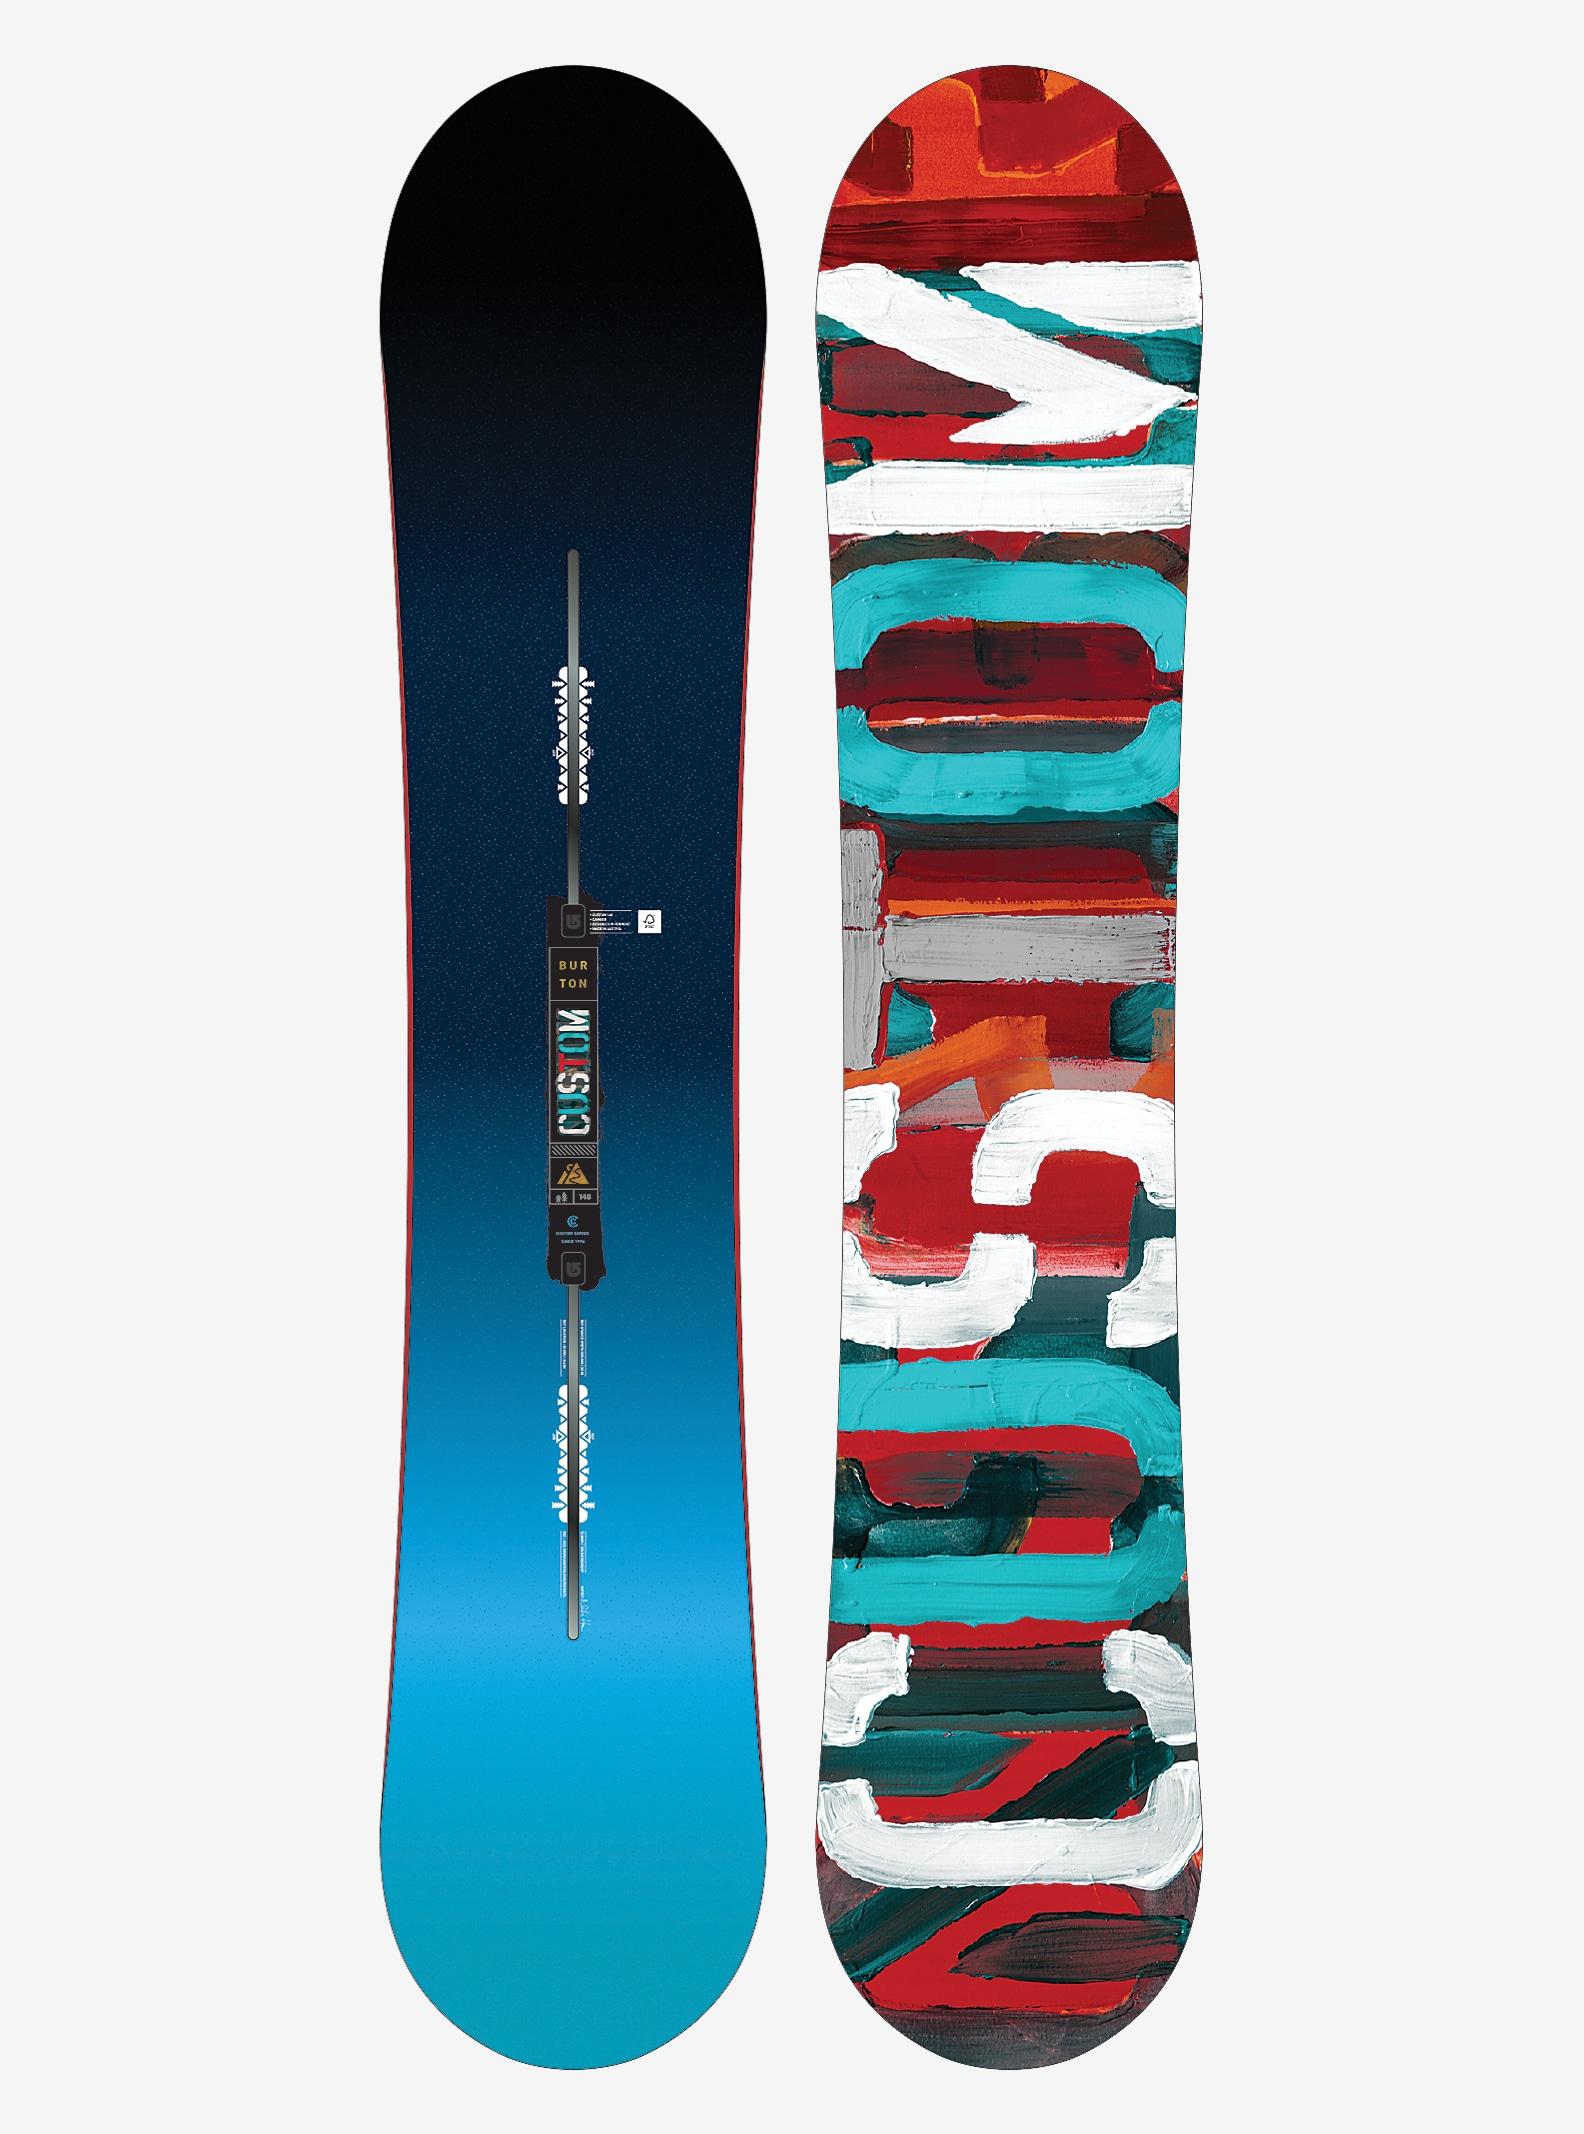 Burton Custom Snowboard shown in 148